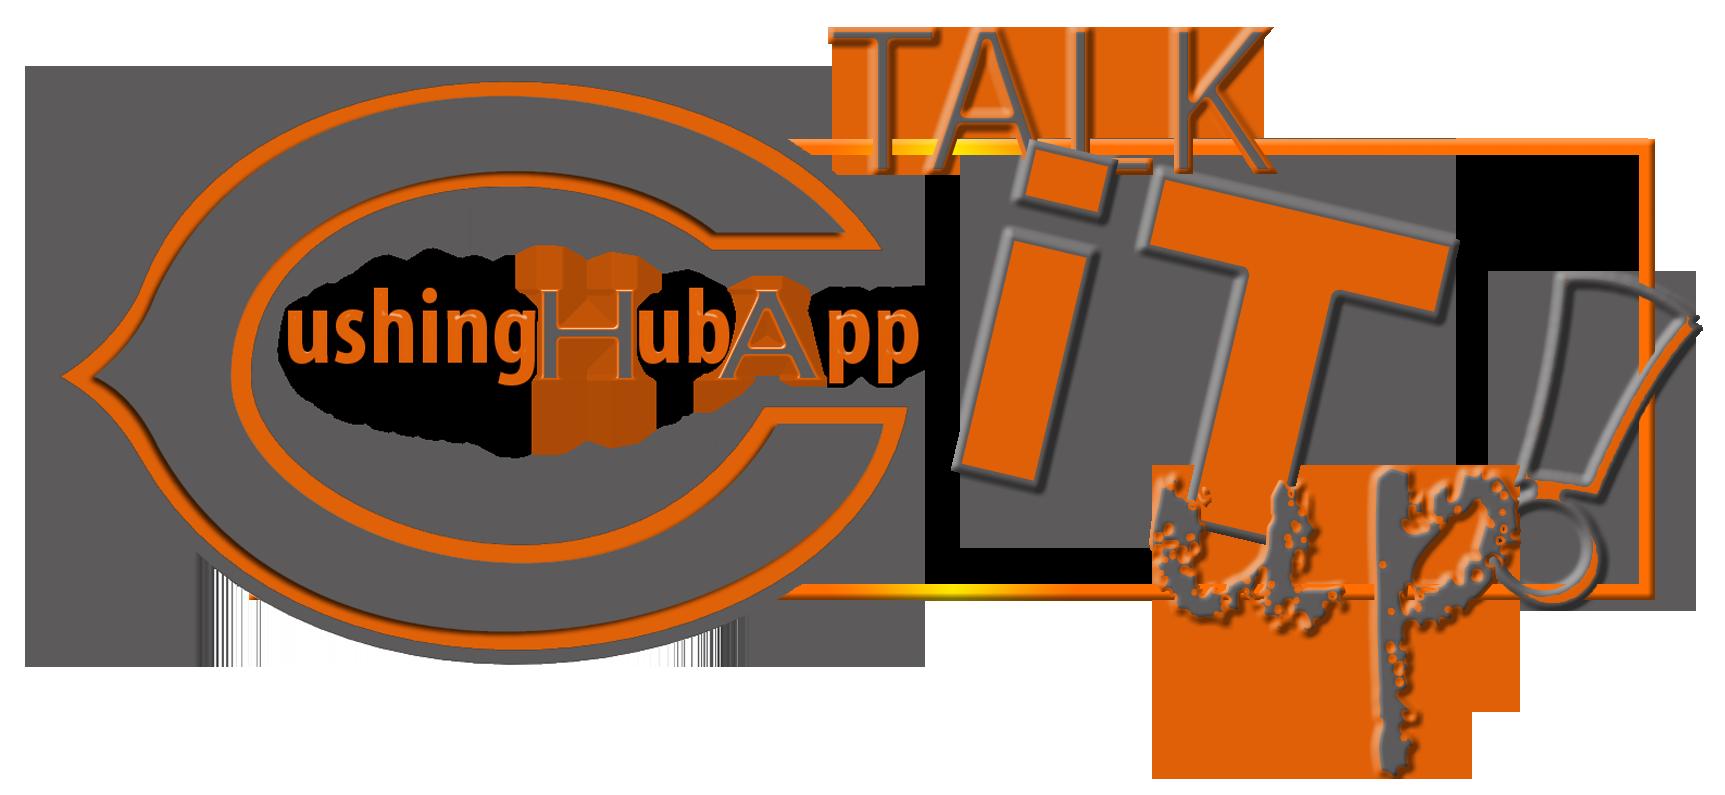 Cusing Hub App Talk It Up.png